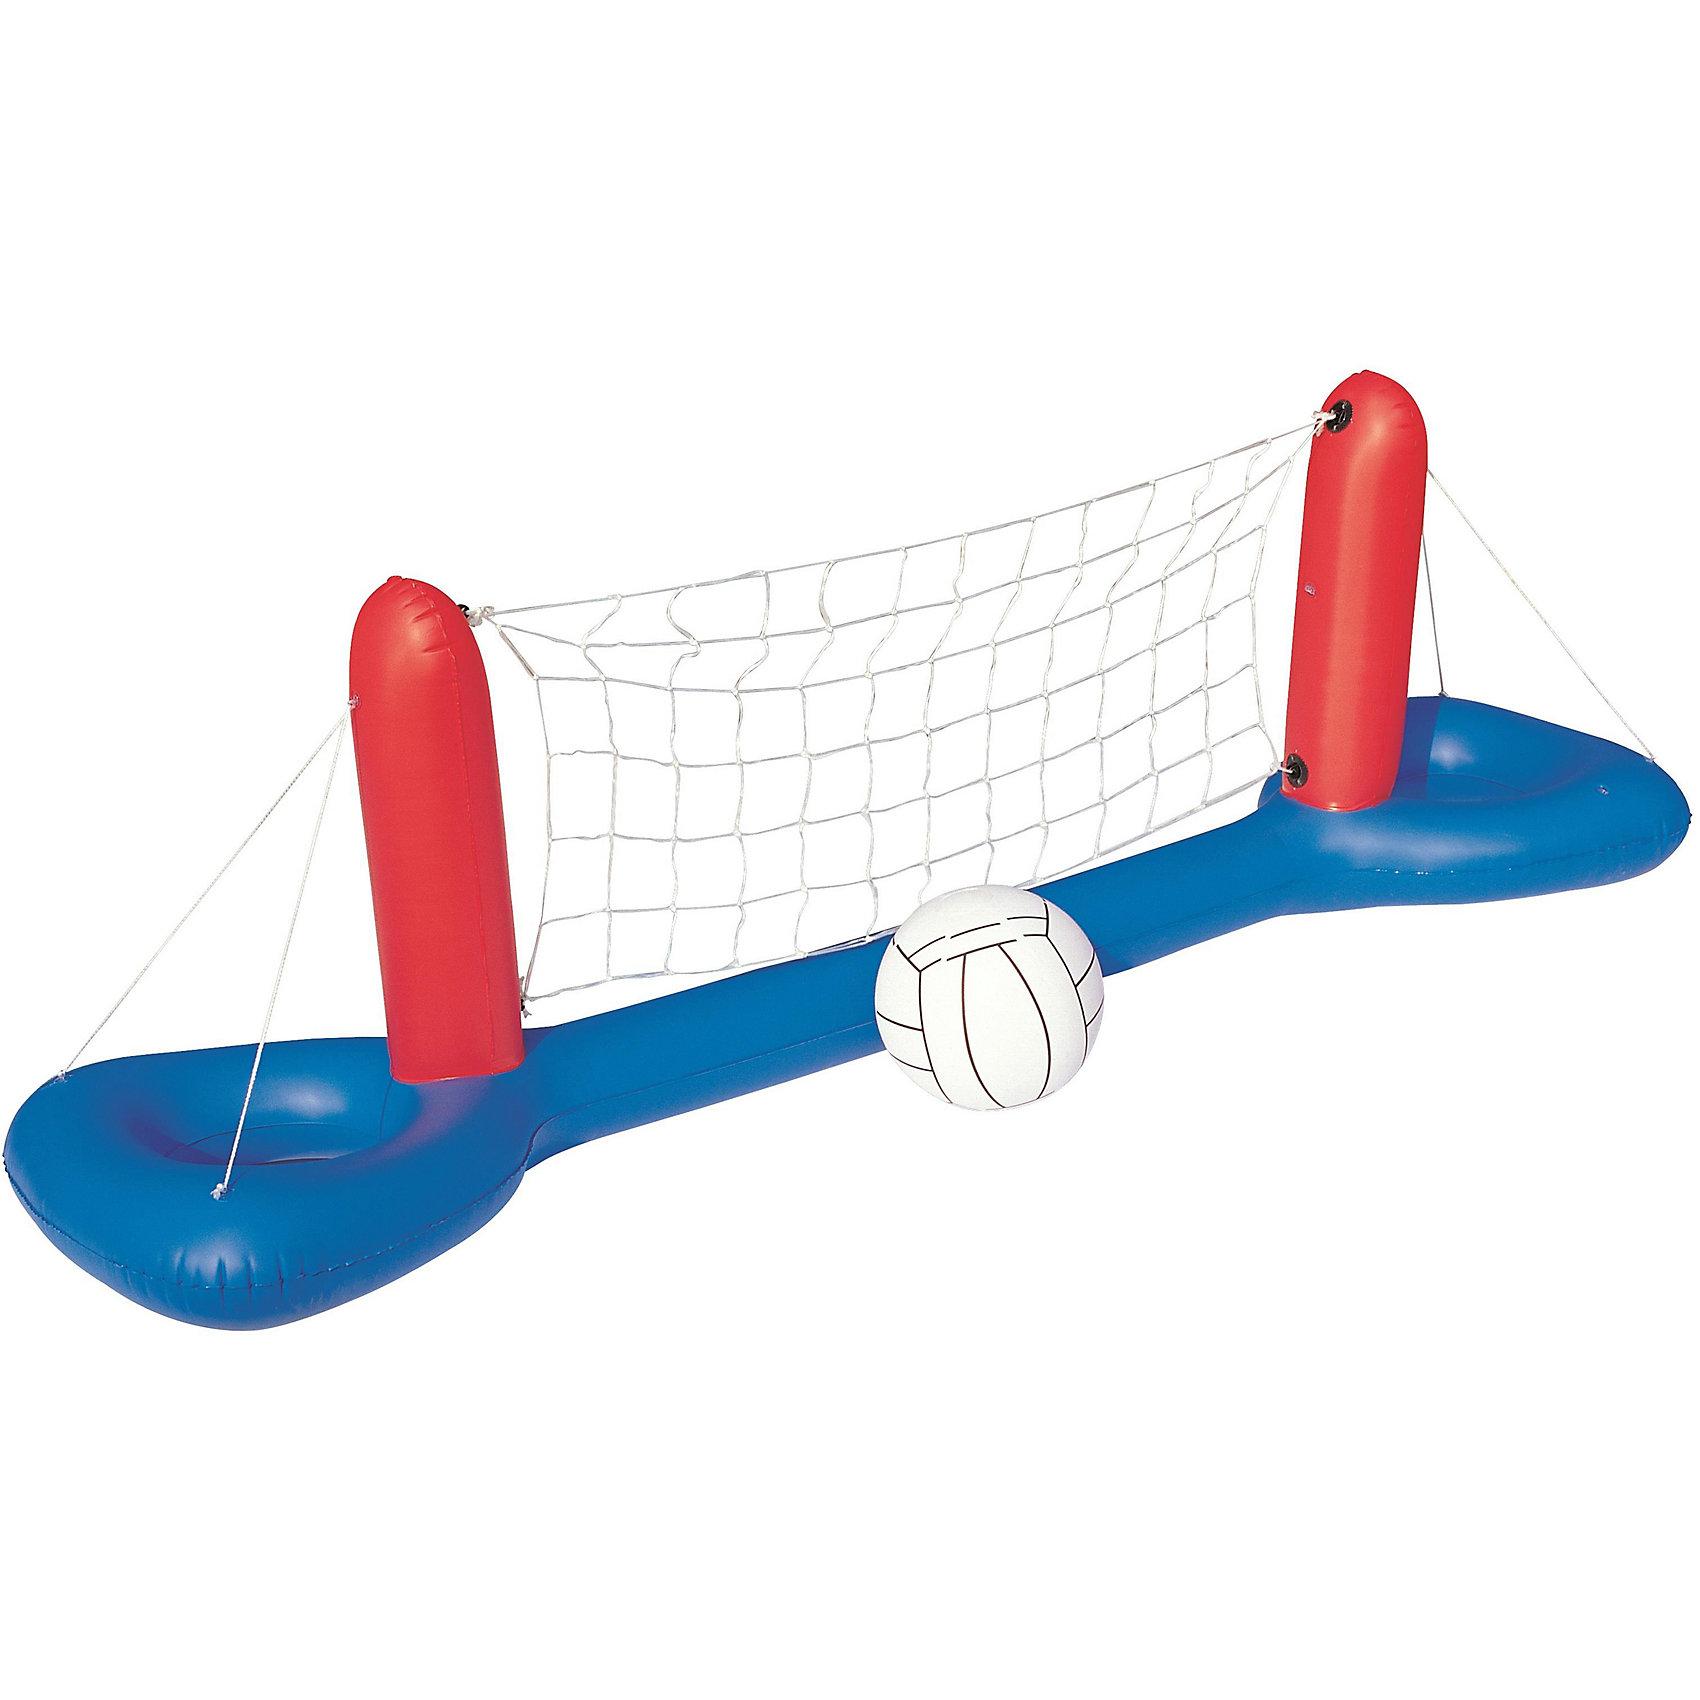 Волейбольный набор сетка + мяч, BestwayИгровые наборы<br>Волейбольный набор сетка + мяч, Bestway (Бествей)<br><br>Характеристики:<br><br>• прочные материалы<br>• в комплекте: сетка, мяч, заплатка<br>• материал: ПВХ, нейлон<br>• размер: 244х64 см<br>• вес:  983 грамма<br><br>С волейбольным набором Bestway вы сможете устроить увлекательные игры в бассейне или водоеме. Сборка принадлежностей не займет у вас много времени и сил. Сетка изготовлена из высококачественного нейлона. Стека - из прочного поливинилхлорида. В комплект входит заплатка для ремонта.<br><br>Волейбольный набор сетка + мяч, Bestway (Бествей) вы можете купить в нашем интернет-магазине.<br><br>Ширина мм: 480<br>Глубина мм: 360<br>Высота мм: 260<br>Вес г: 983<br>Возраст от месяцев: 36<br>Возраст до месяцев: 2147483647<br>Пол: Унисекс<br>Возраст: Детский<br>SKU: 5486899